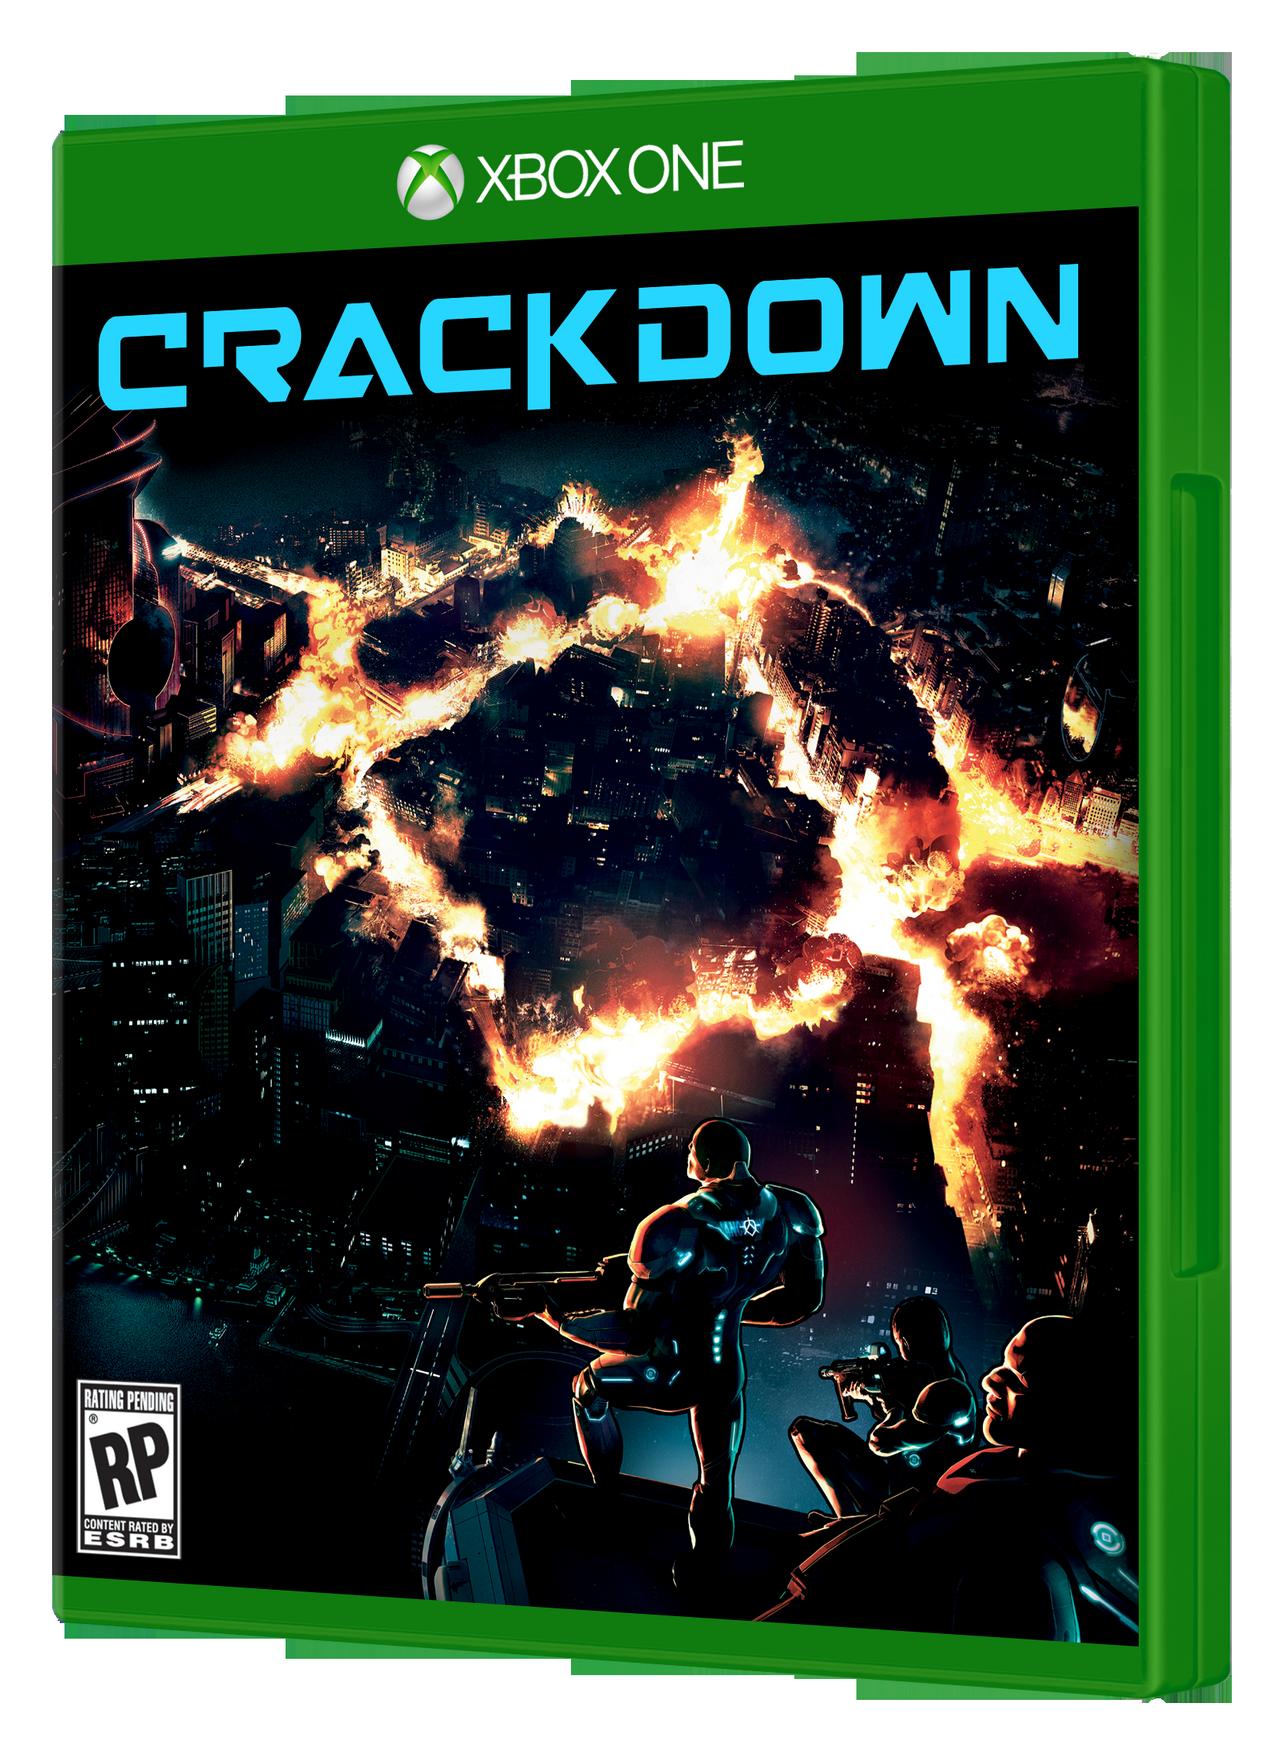 Crackdown 09-06-14 004